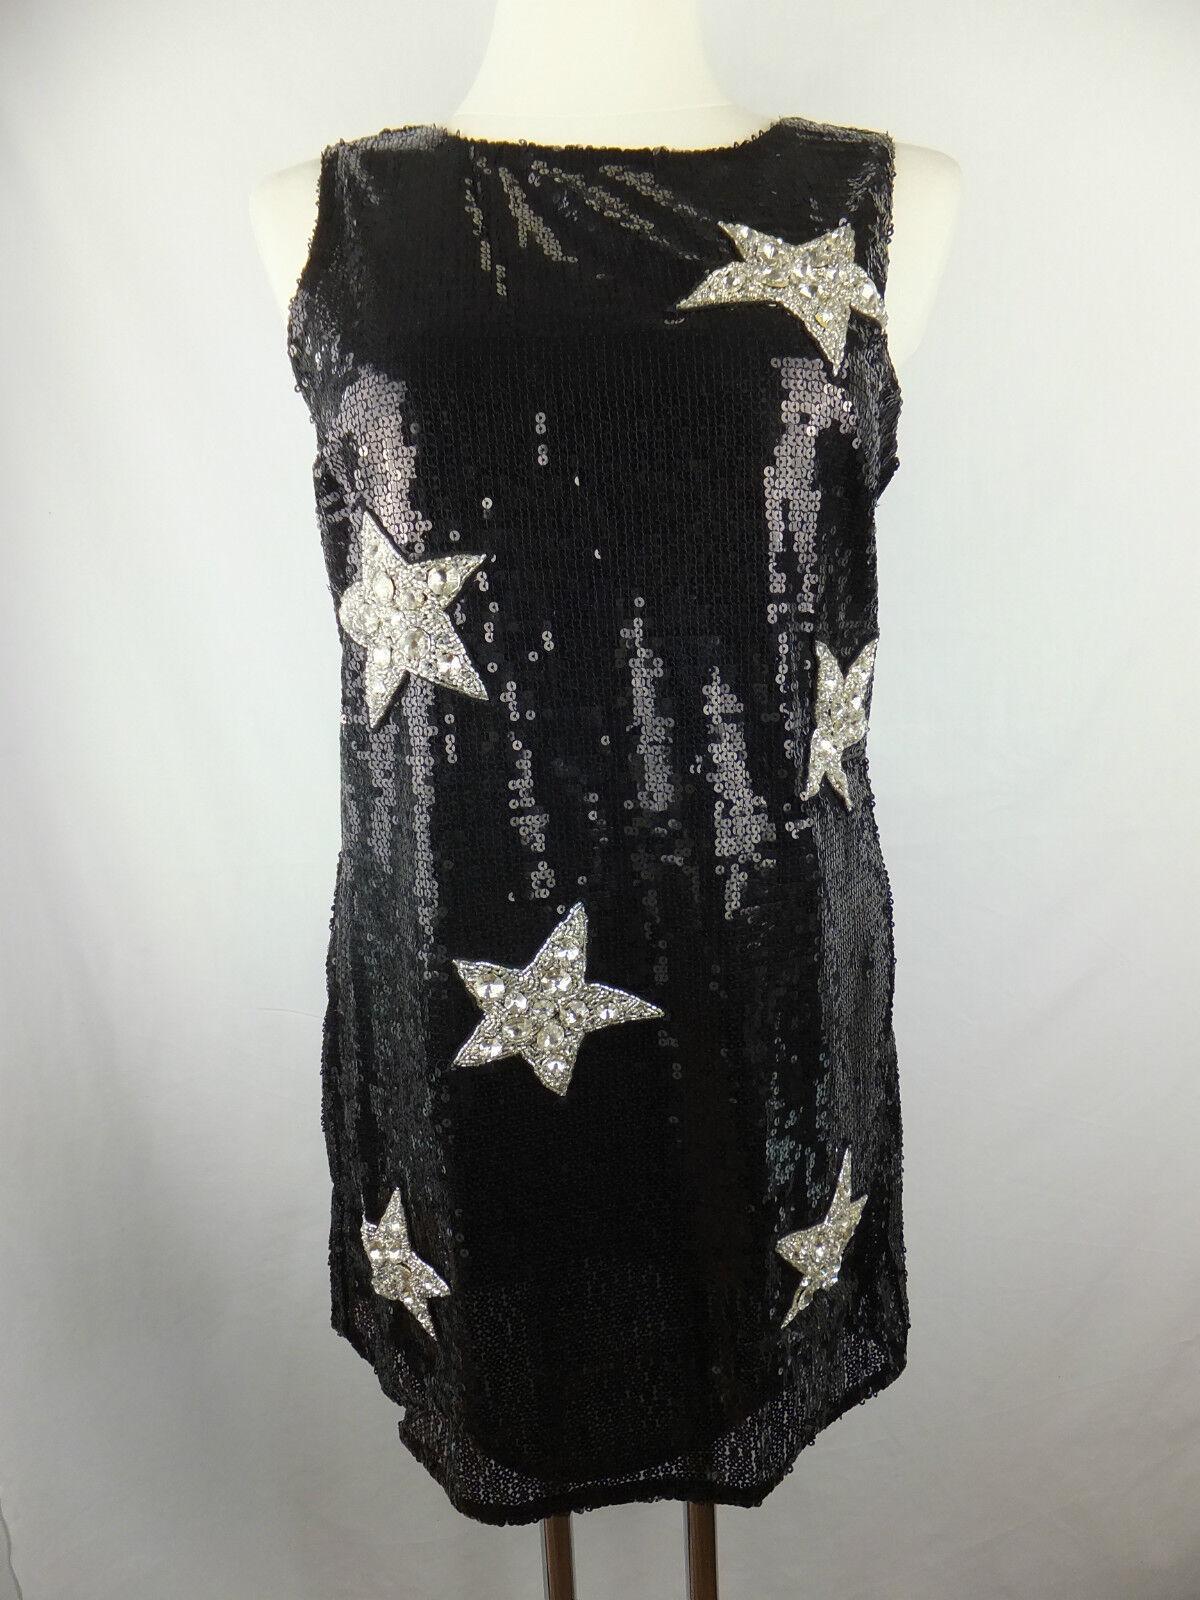 Amor & Psyche Kleid - S - schwarz silber - neu  mit Etikett - Pailletten